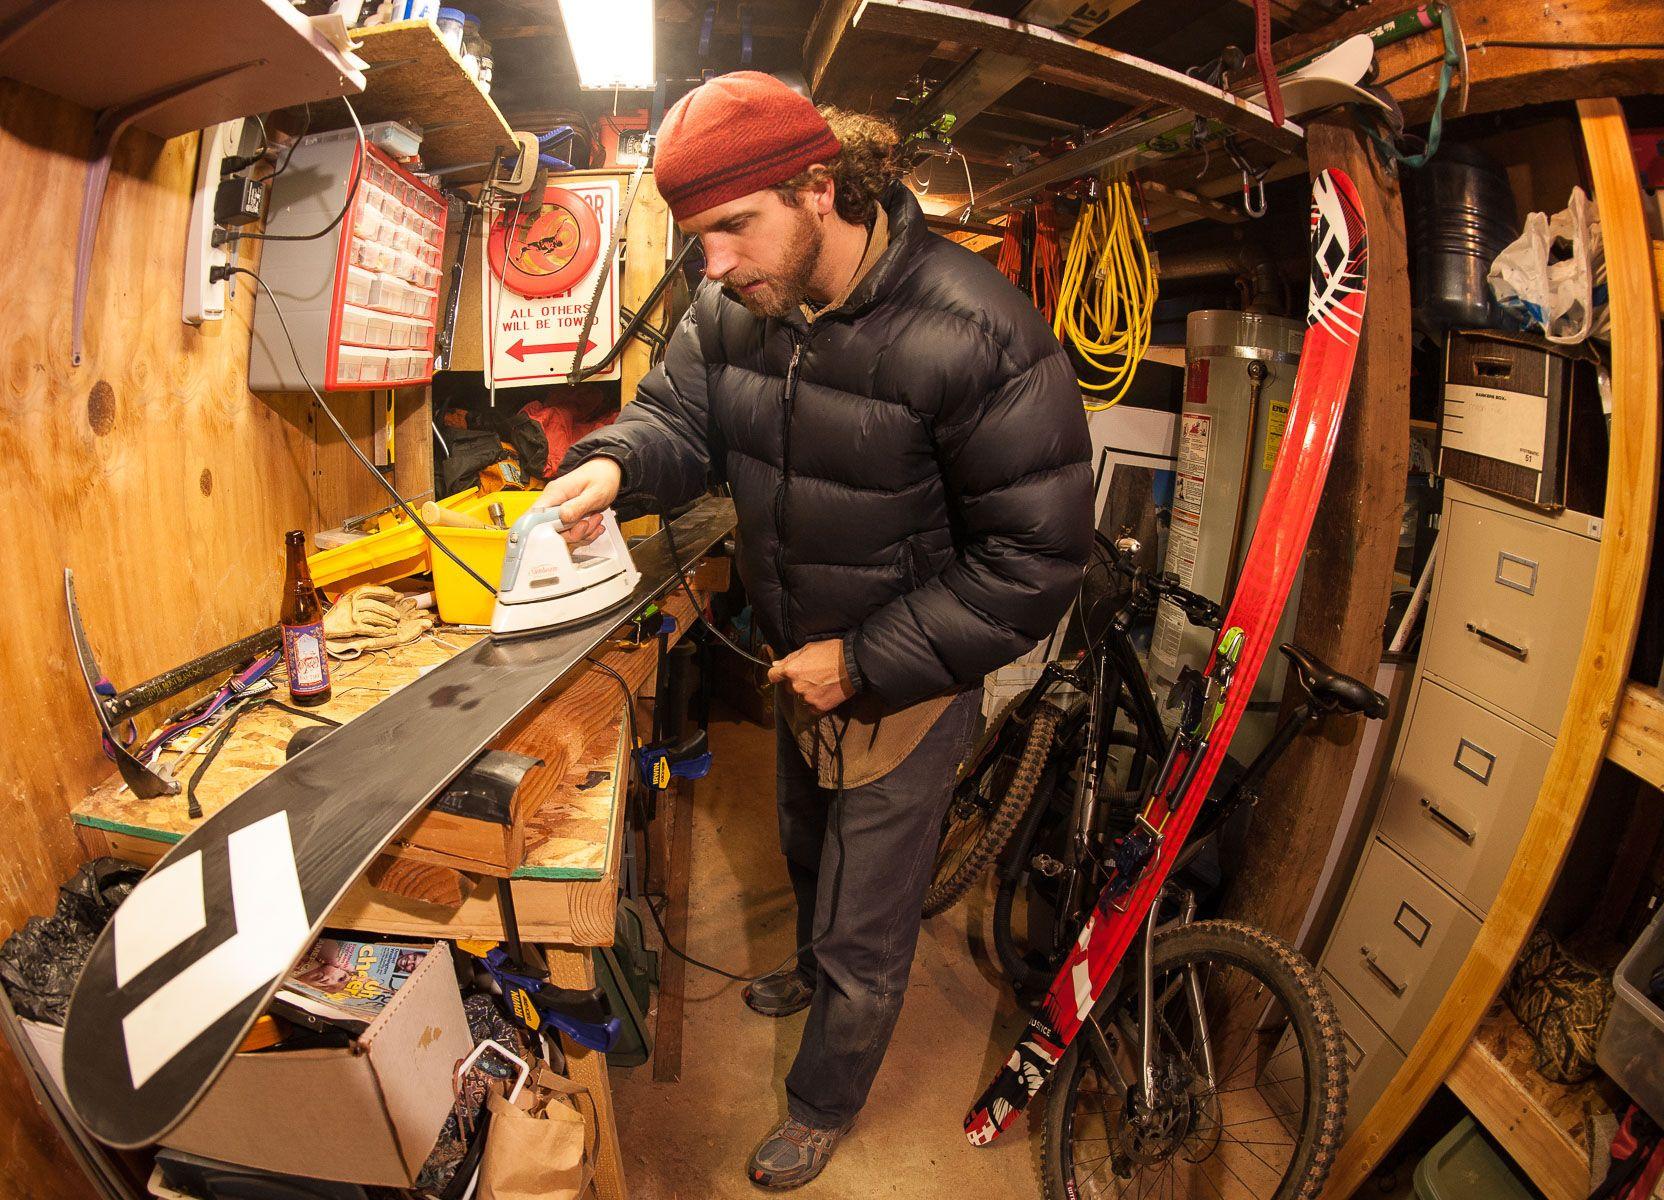 Man Waxing Skis